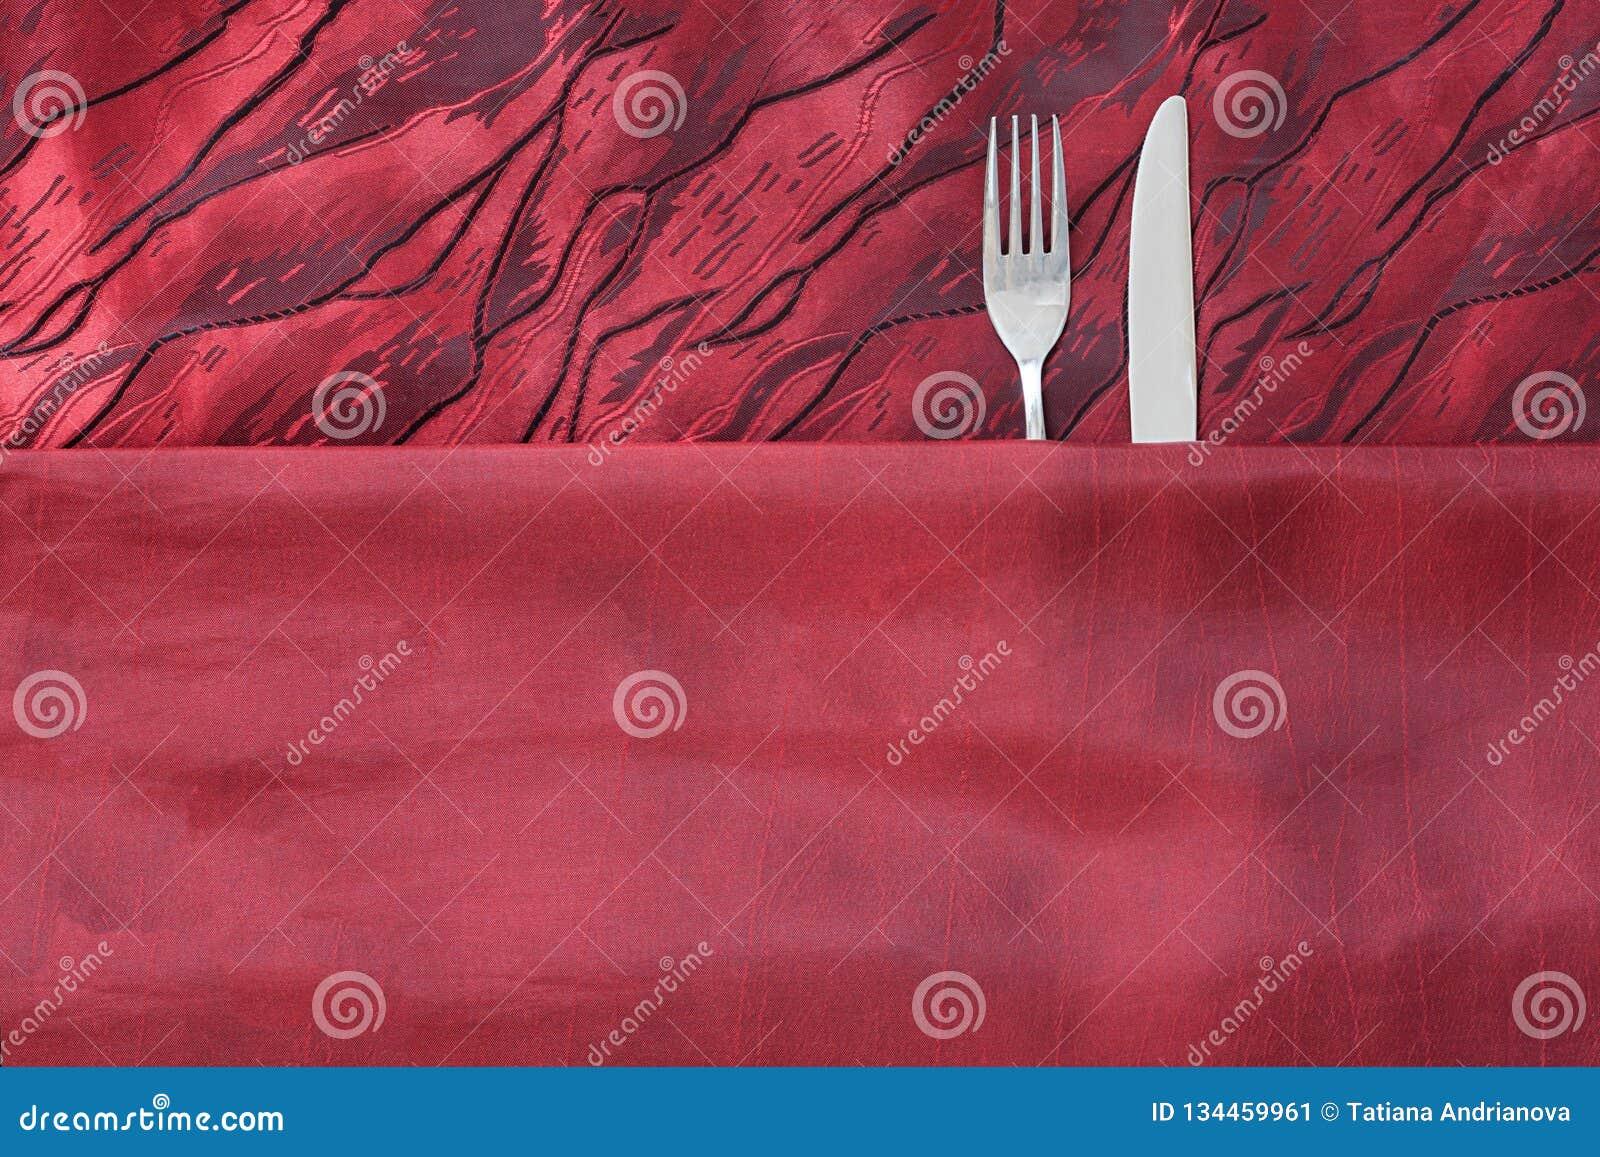 刀子和叉子象夫妇在床上